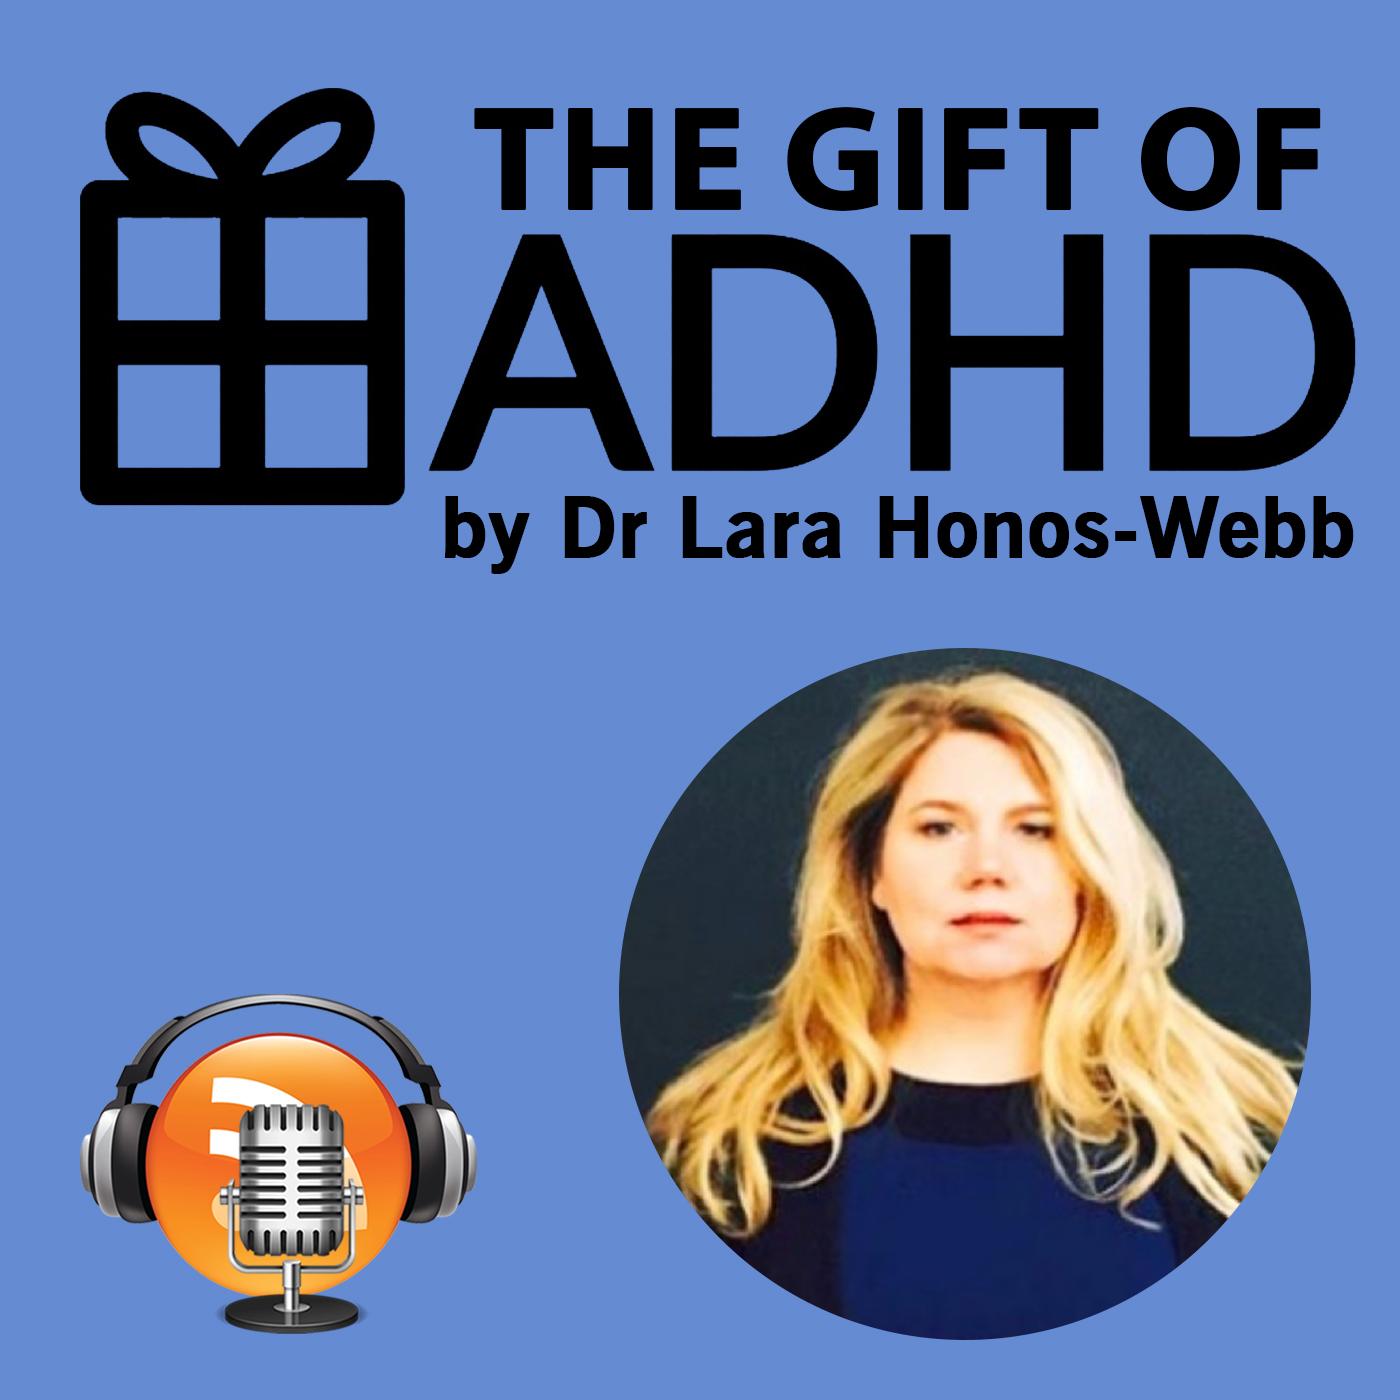 Dr. Lara Honos Webb